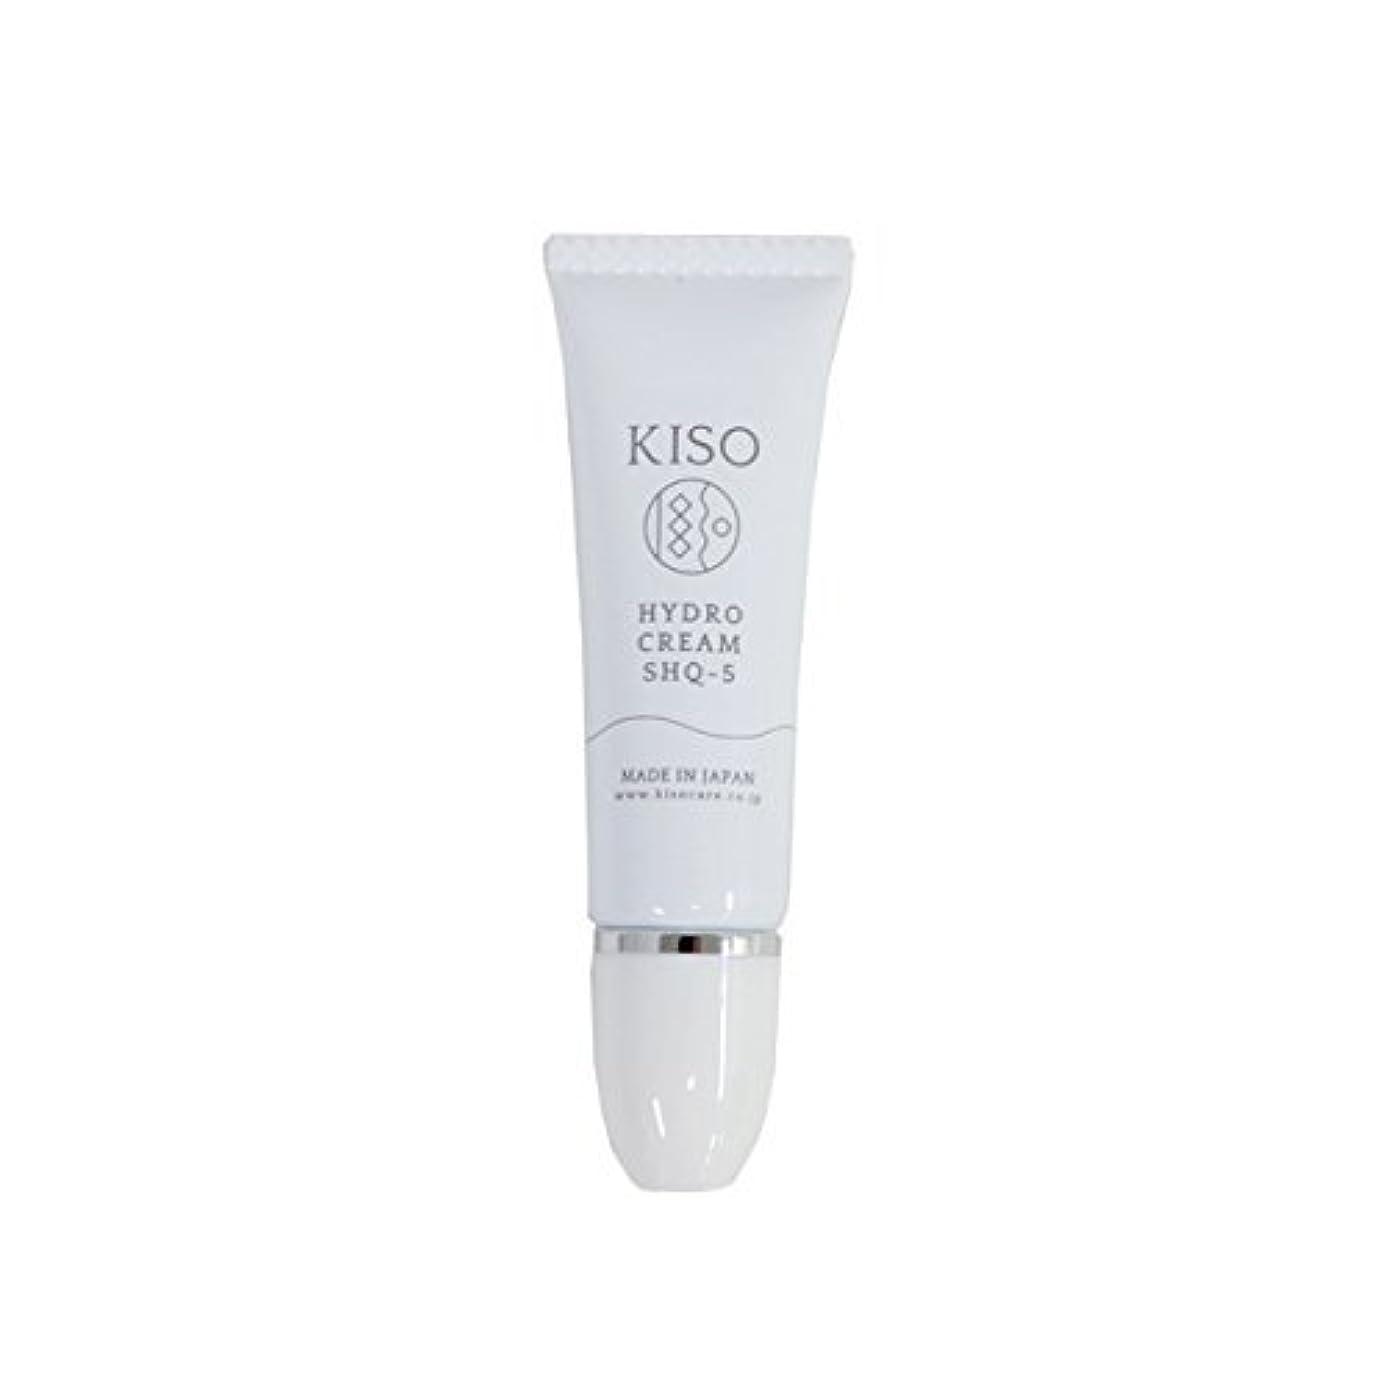 二週間噂のぞき見KISO 安定型 ハイドロキノン 5%配合【ハイドロ クリーム SHQ-5 10g】スキンケアで肌を整えた後にちょこっとケア 日本製